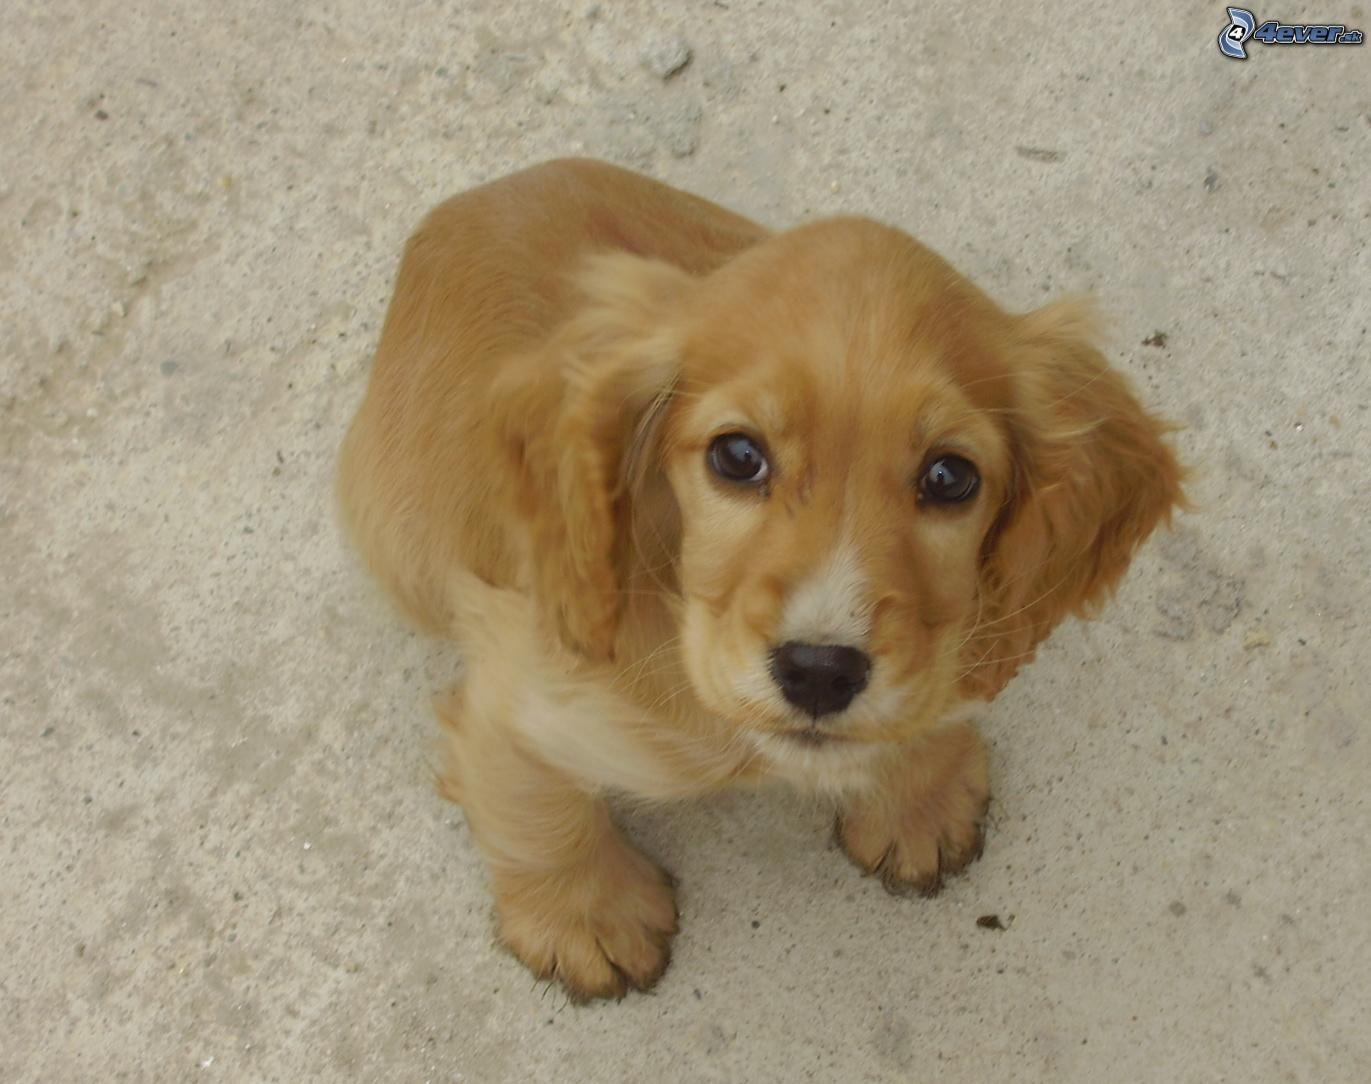 obrazky.4ever.sk] pes, psicek, havinko 2680314.jpg